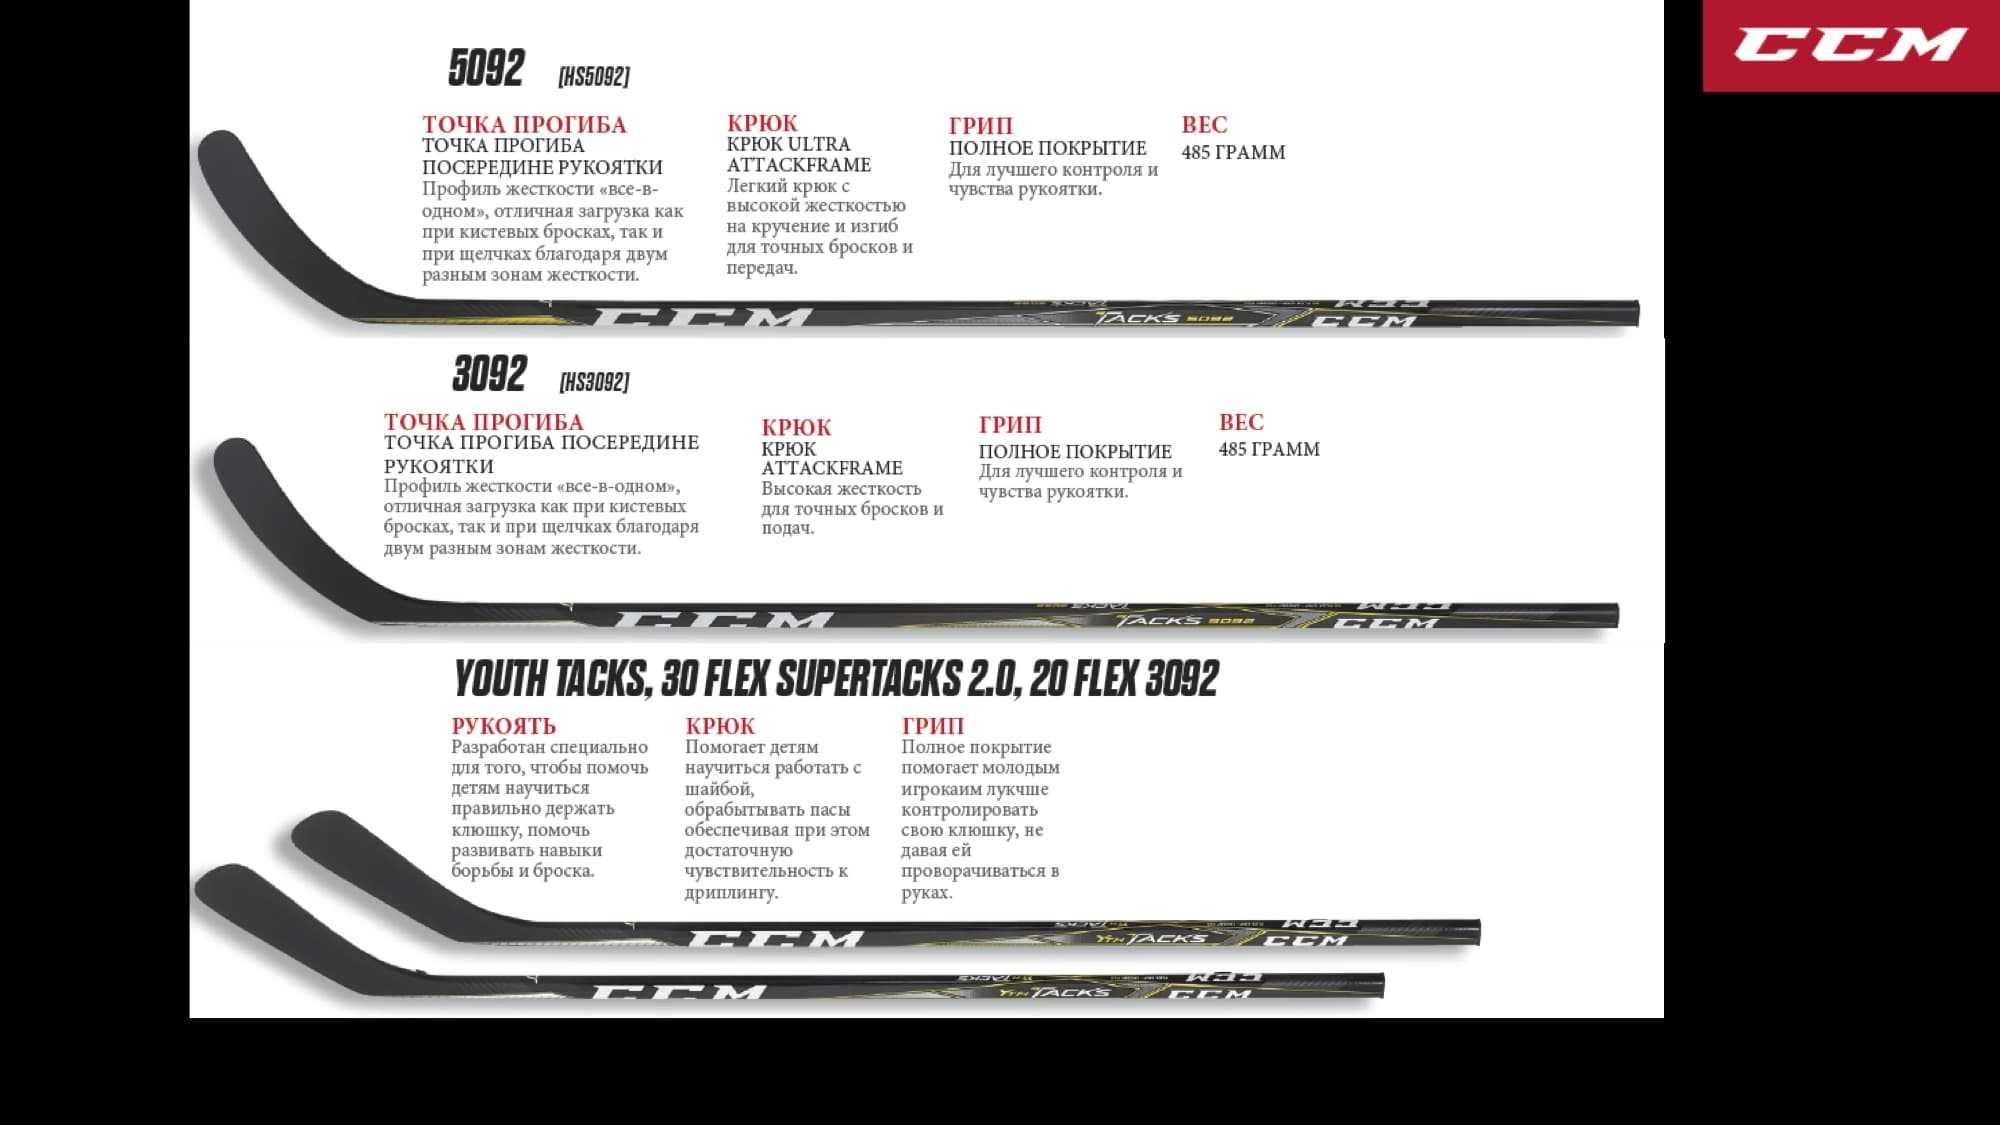 Вернуть хоккейную клюшку качественную и бракованную в магазин - инструкция в 2020 году